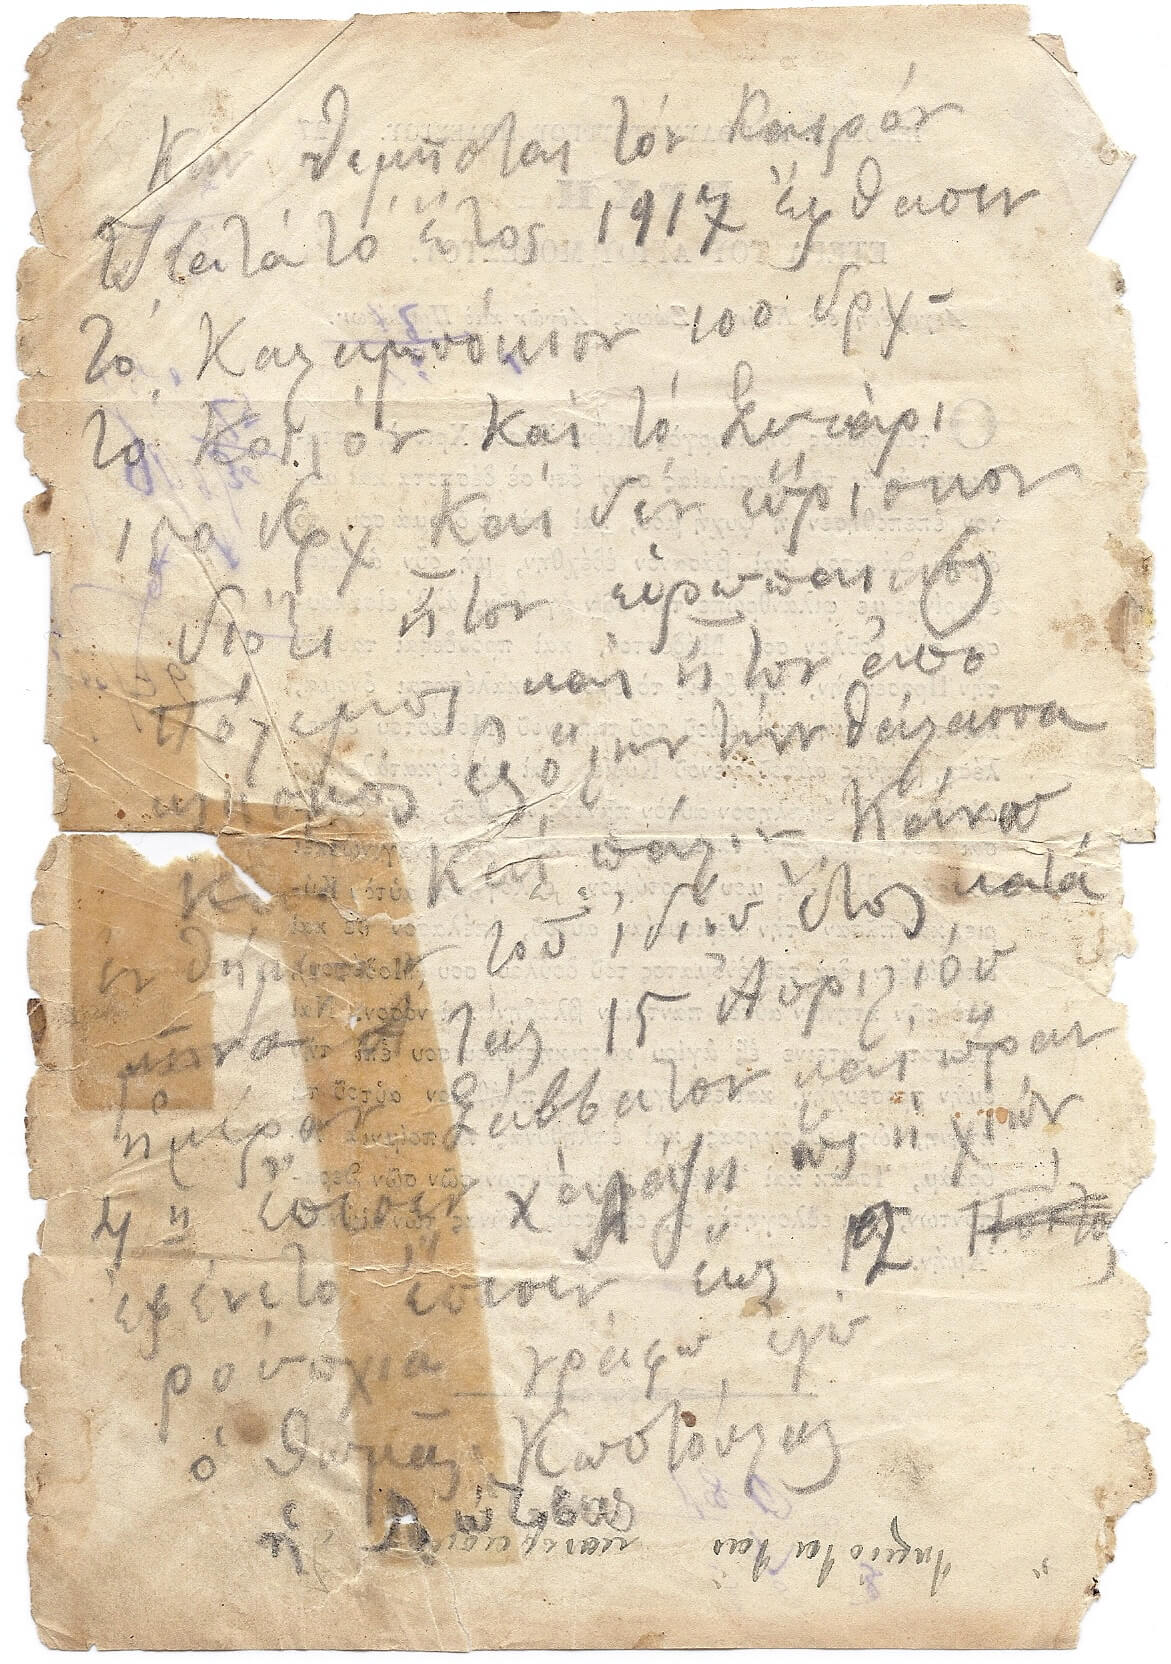 Γραπτή ιδιόχειρη ενθύμηση του Θωμά Ευαγγ. Κωστούλα, 1917